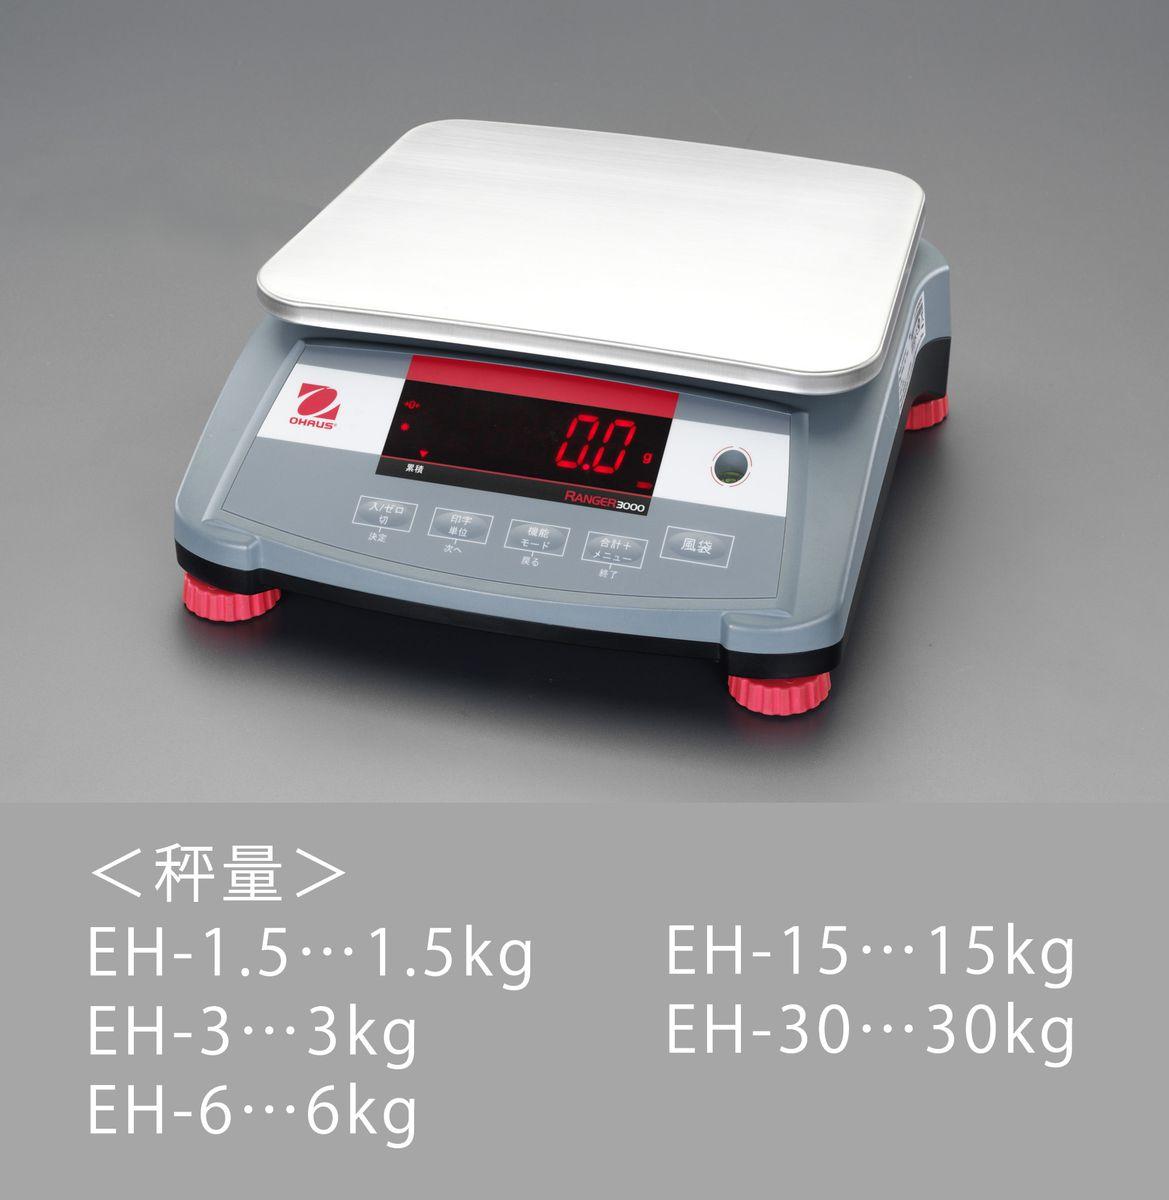 【メーカー在庫あり】 エスコ ESCO 1.5kg(0.05g) 卓上型はかり 000012263711 HD店